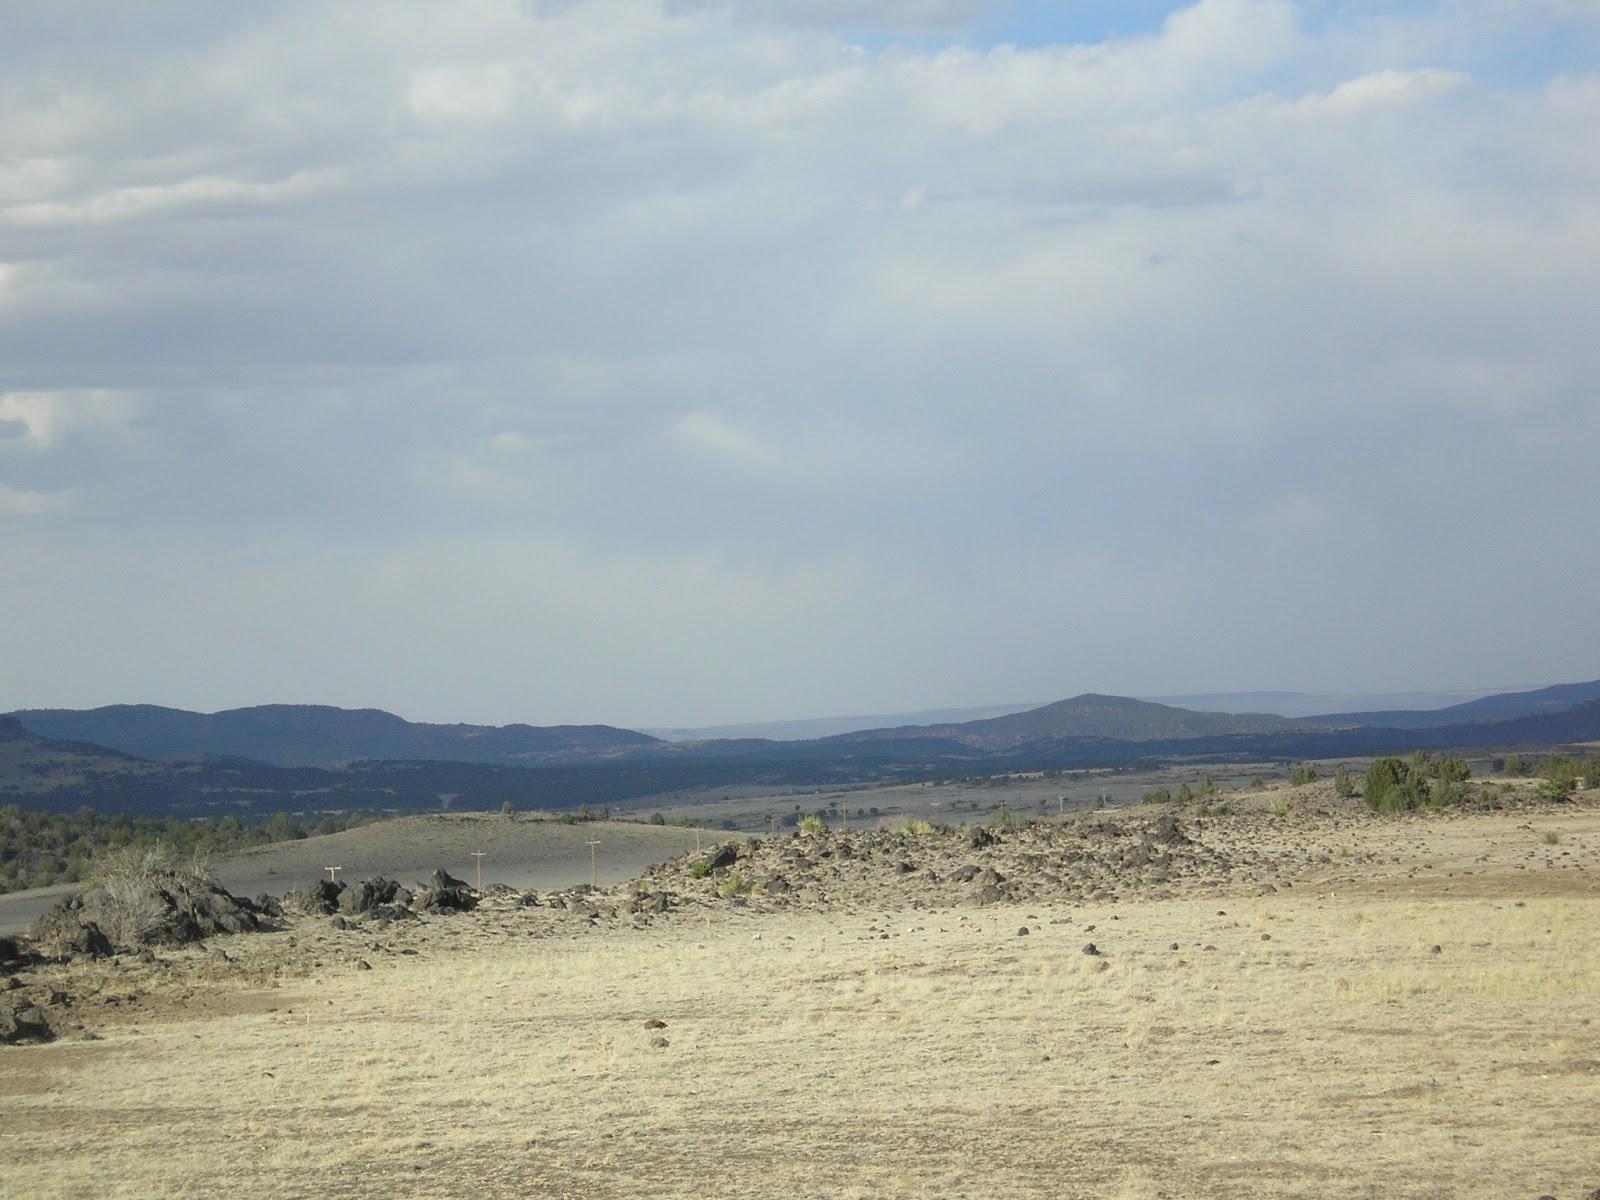 The Road Genealogist Folsom New Mexico To Trinidad Colorado